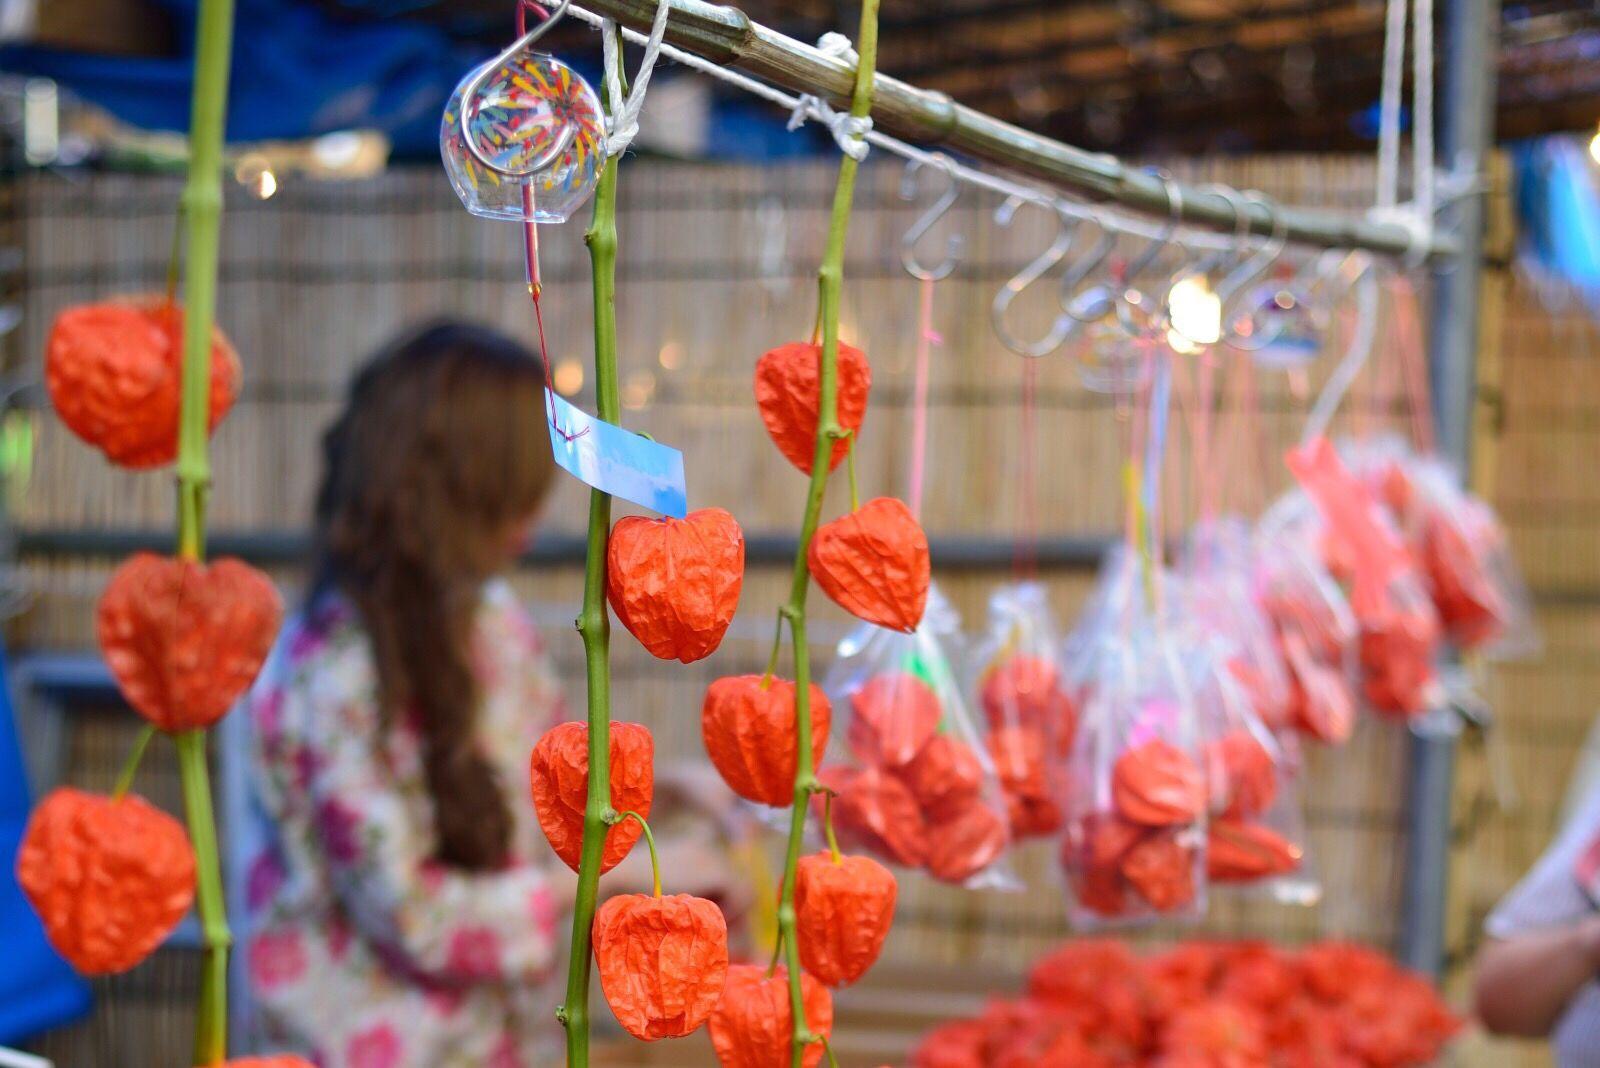 浅草寺ほおずき市 Asakusa Sensouji Sensoji Temple  Ultimate Japan Hozuki Chineselantern Groundcherry Windbell